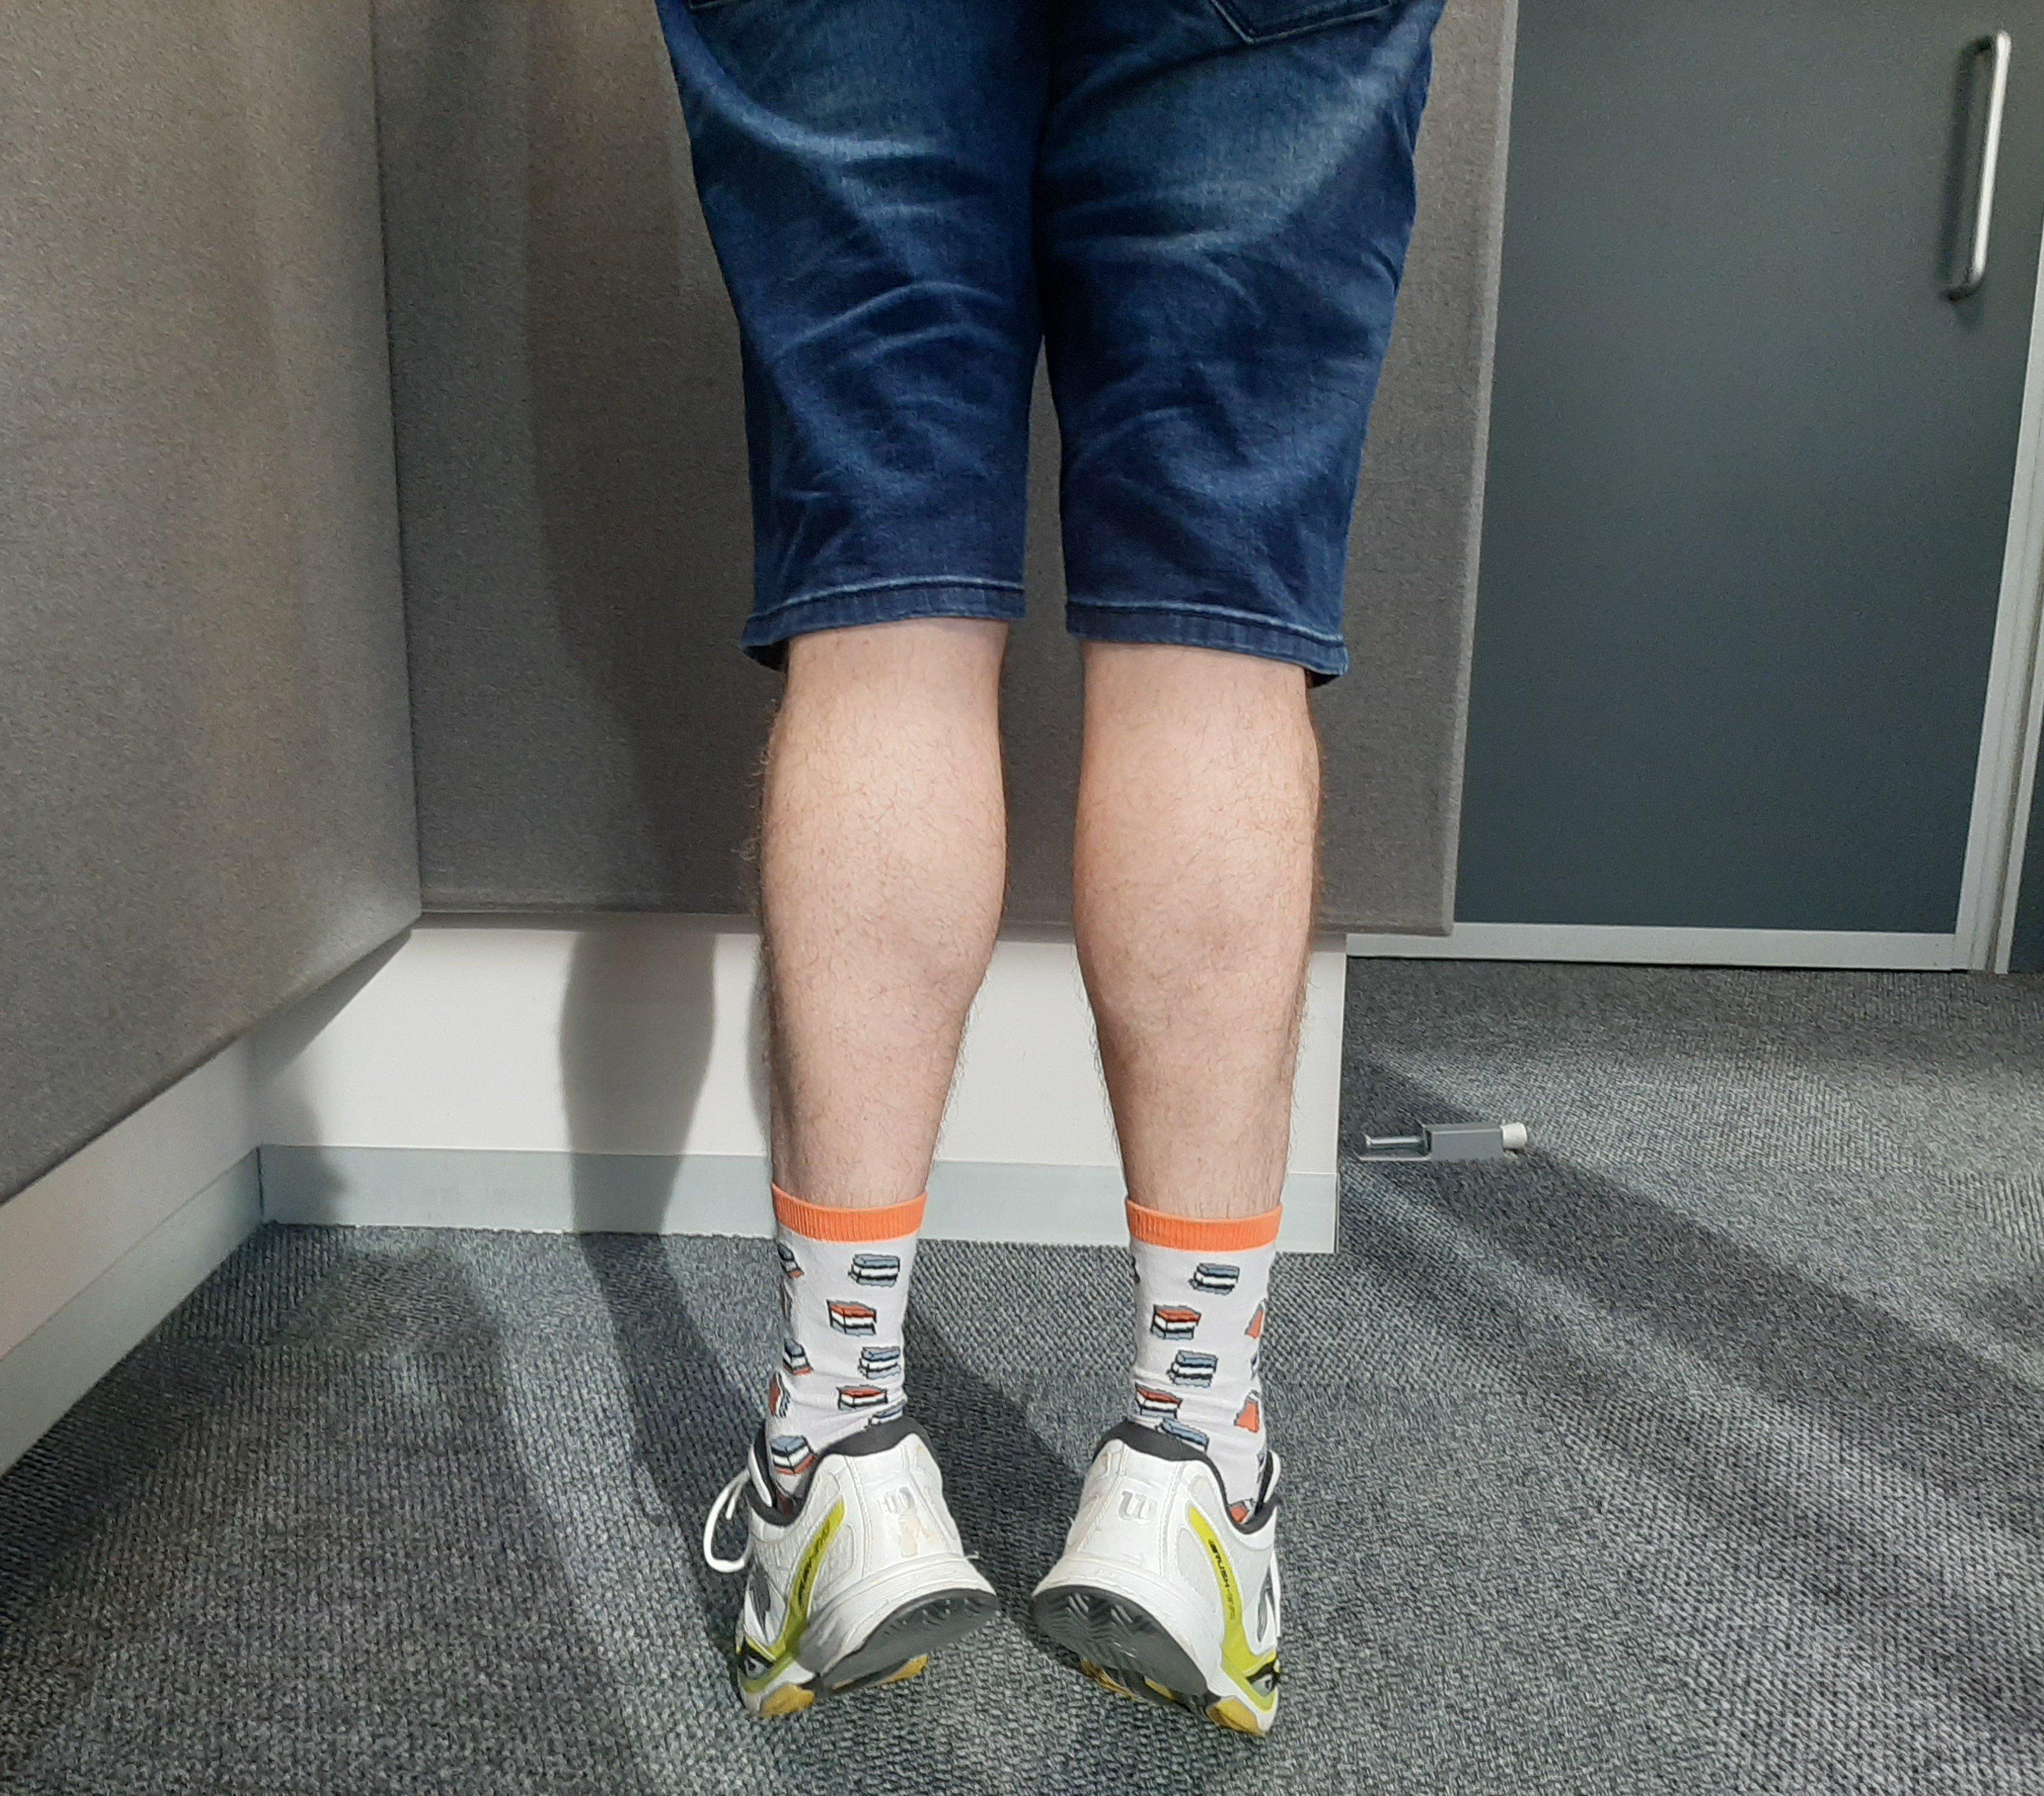 Darren's legs